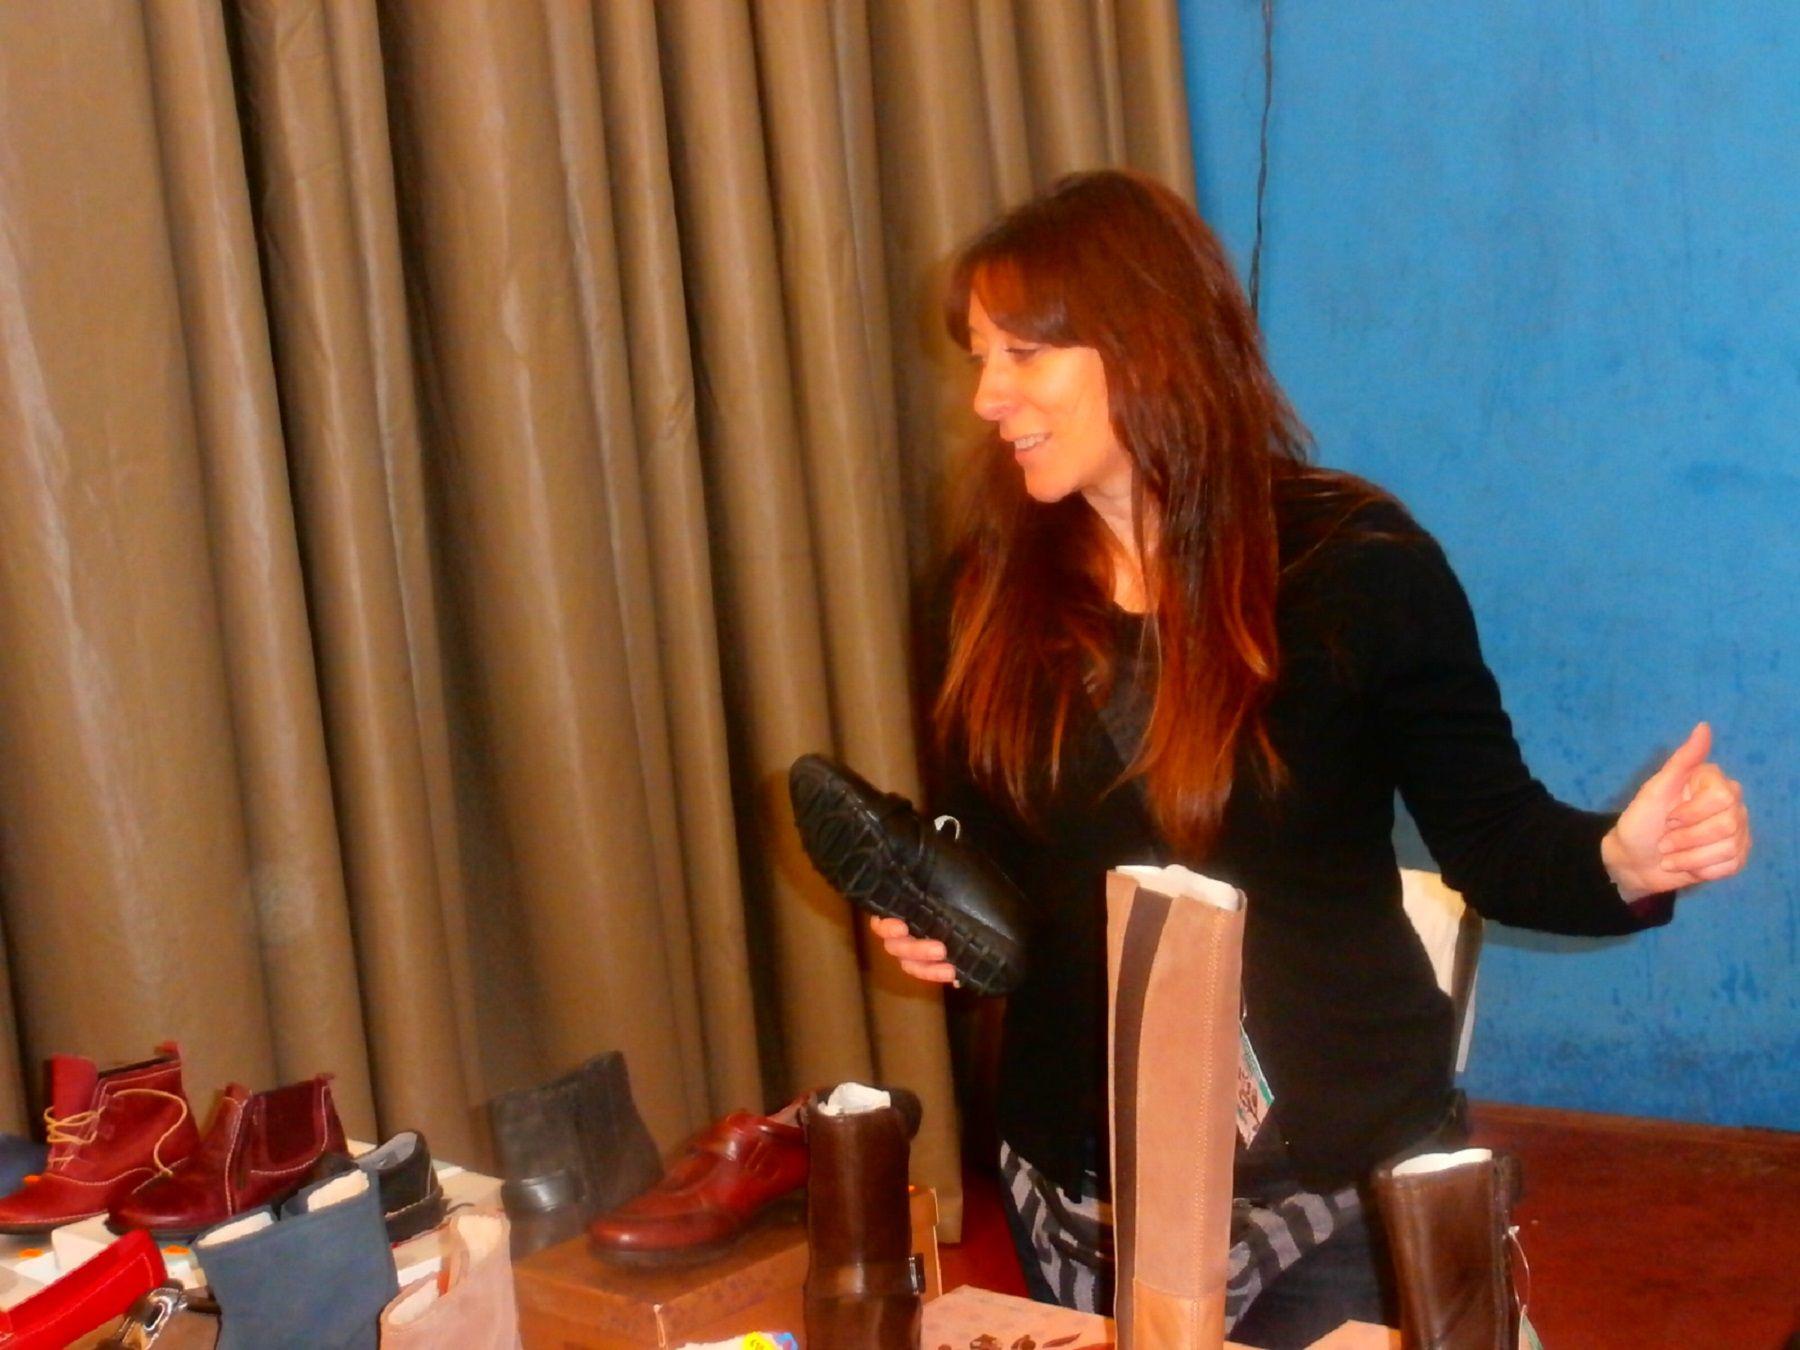 Almacén de Calzado Teresa Mir, uno de los comercios participantes en 2018. Foto: SobrarbeDigital.